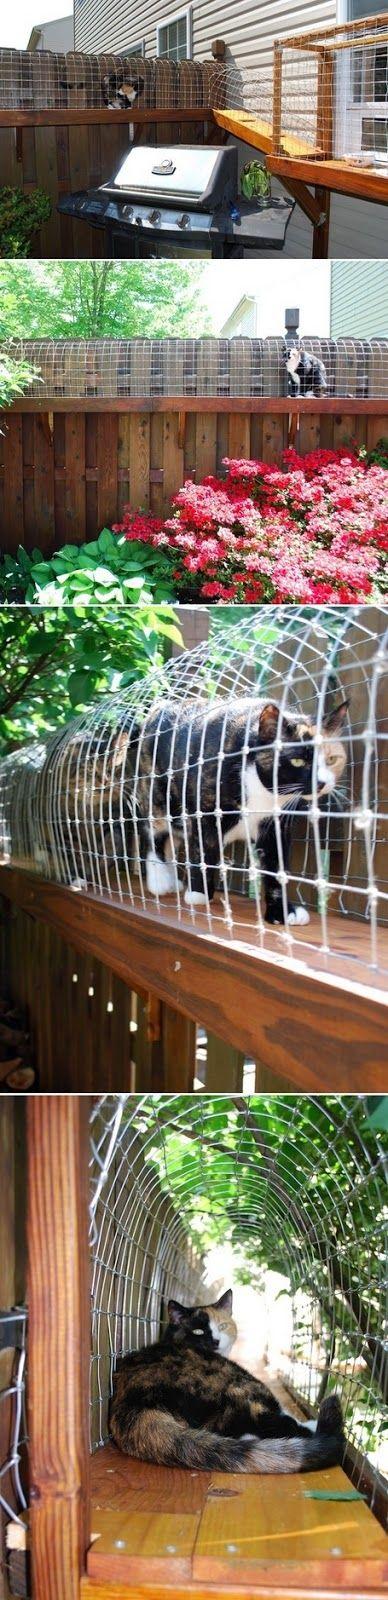 How To Build A Cat Enclosure Diy Cat Enclosure Outdoor Cat Enclosure Outdoor Cats